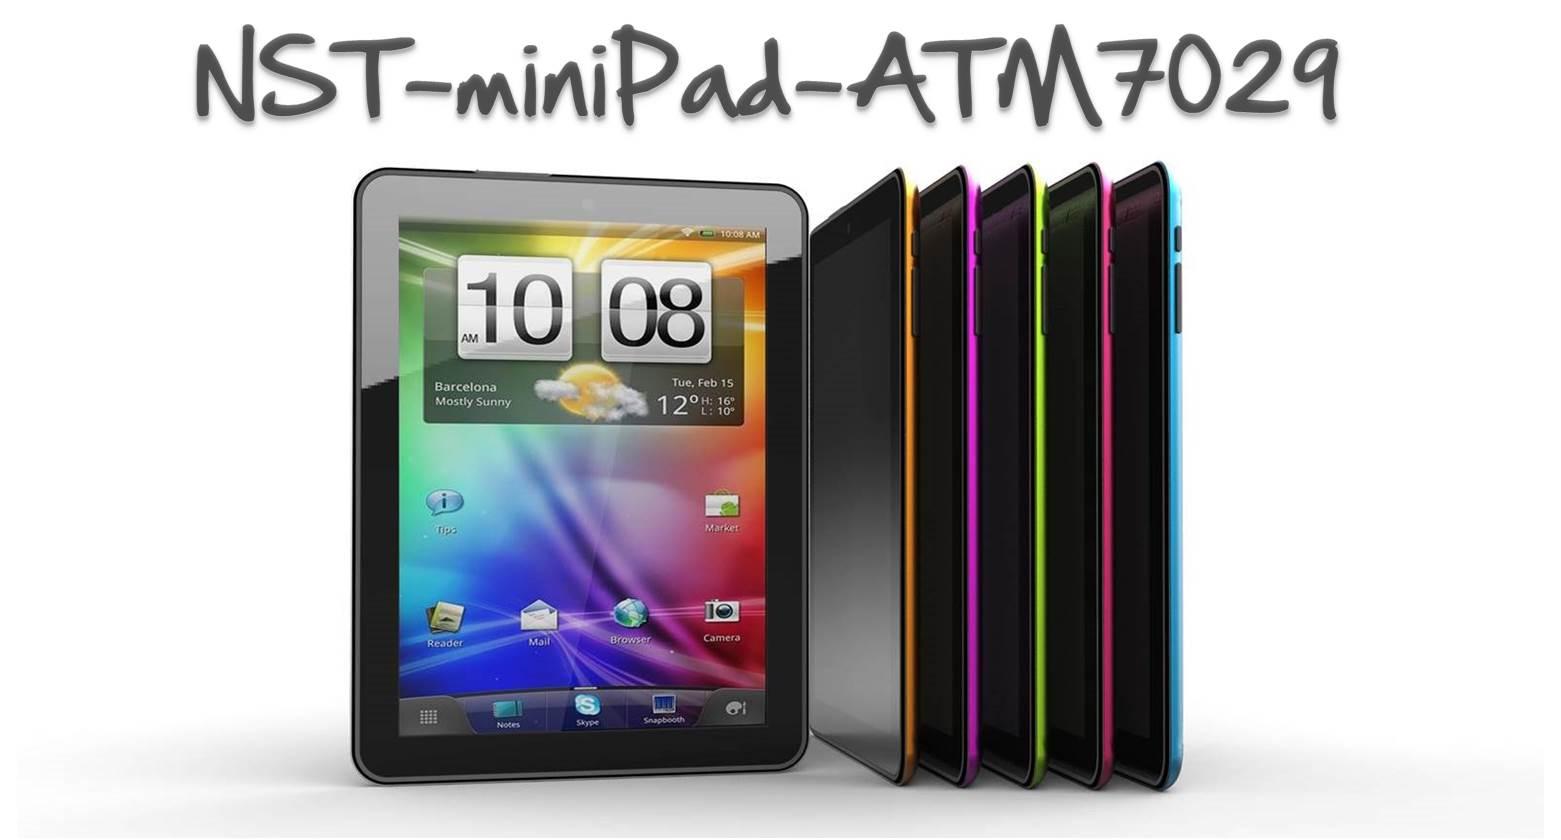 Προσφορά SaleTime - TABLET NST-miniPad-8 - Tablet NST-miniPad- 8 ιντσών- 8GB, με 4πύρηνο επεξεργαστή quad core, 4πύρηνη κάρτα γραφικών, Android OS 4.1.1 και Δώρα extra ζε...